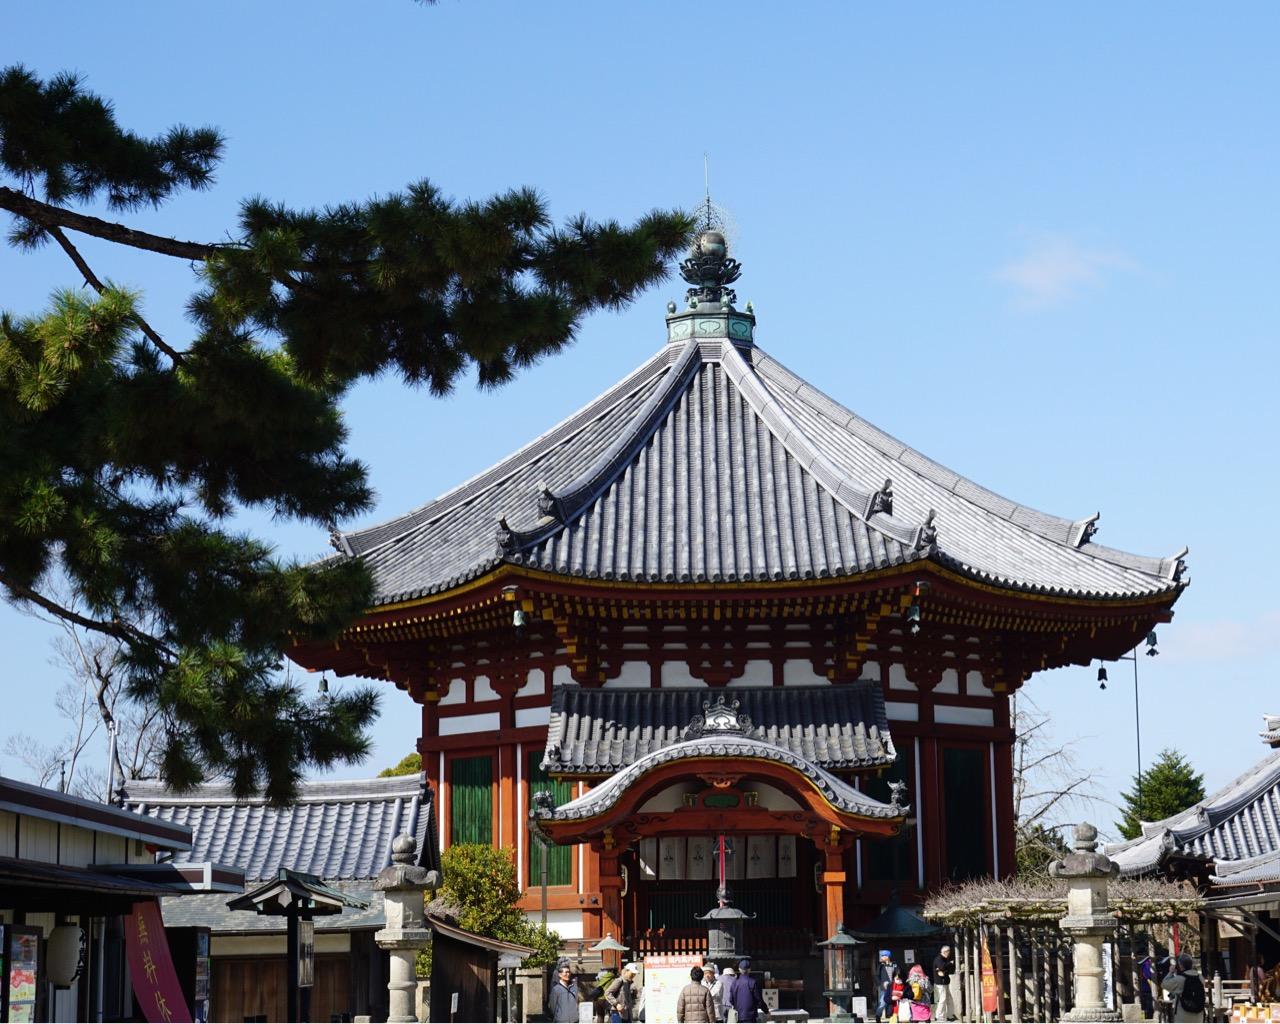 興福寺南円堂 安定して綺麗な姿です。